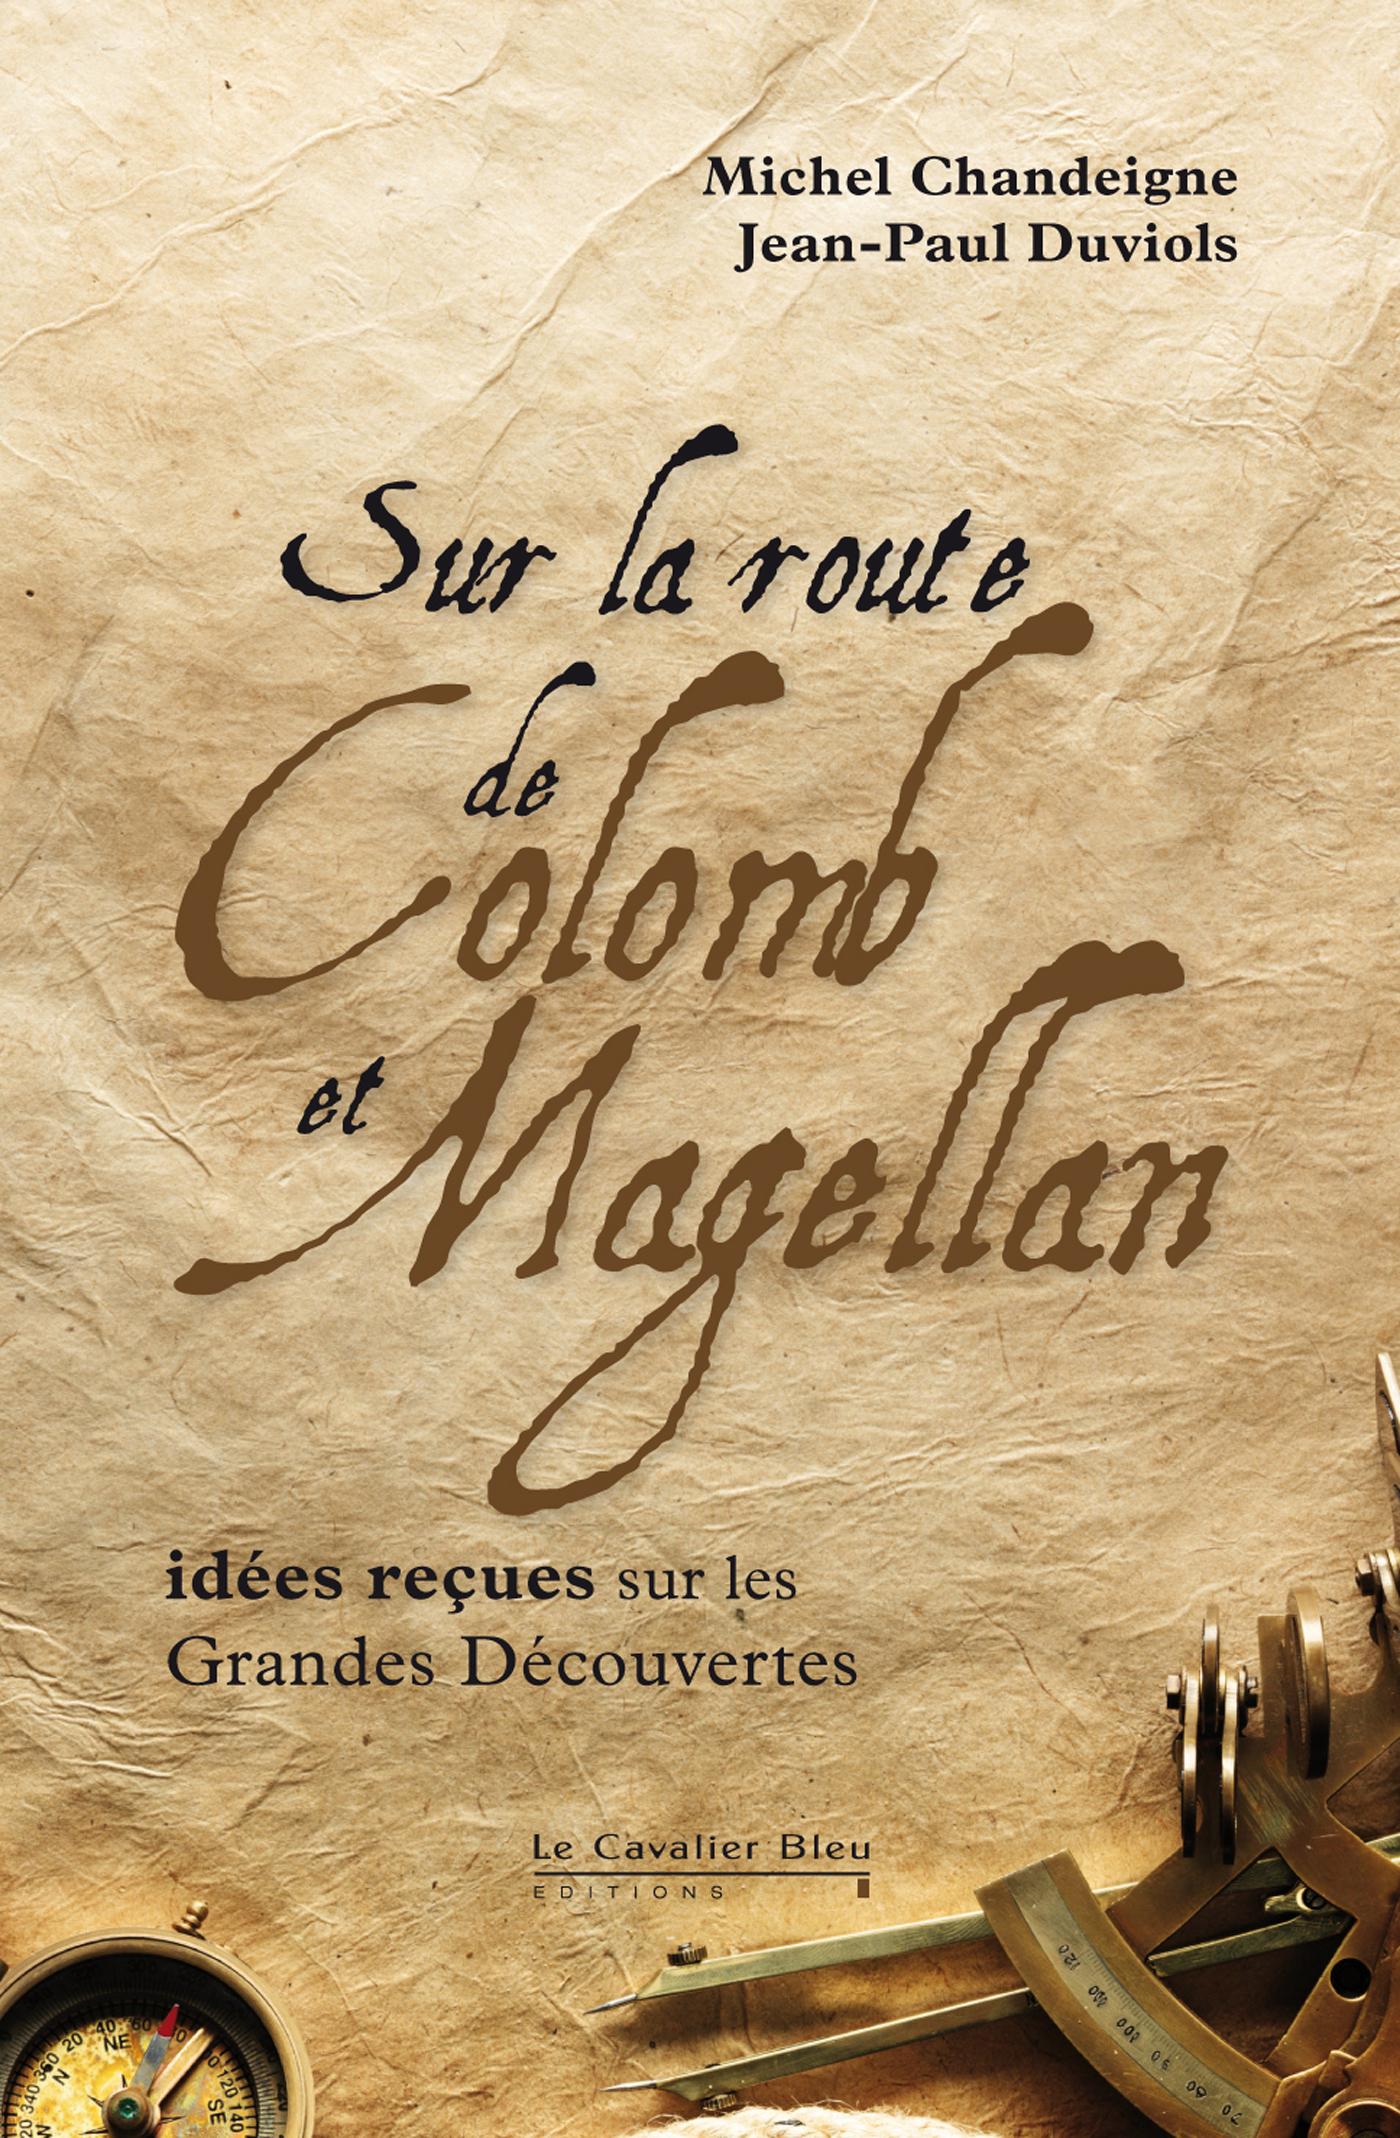 Sur la route de Colomb et Magellan